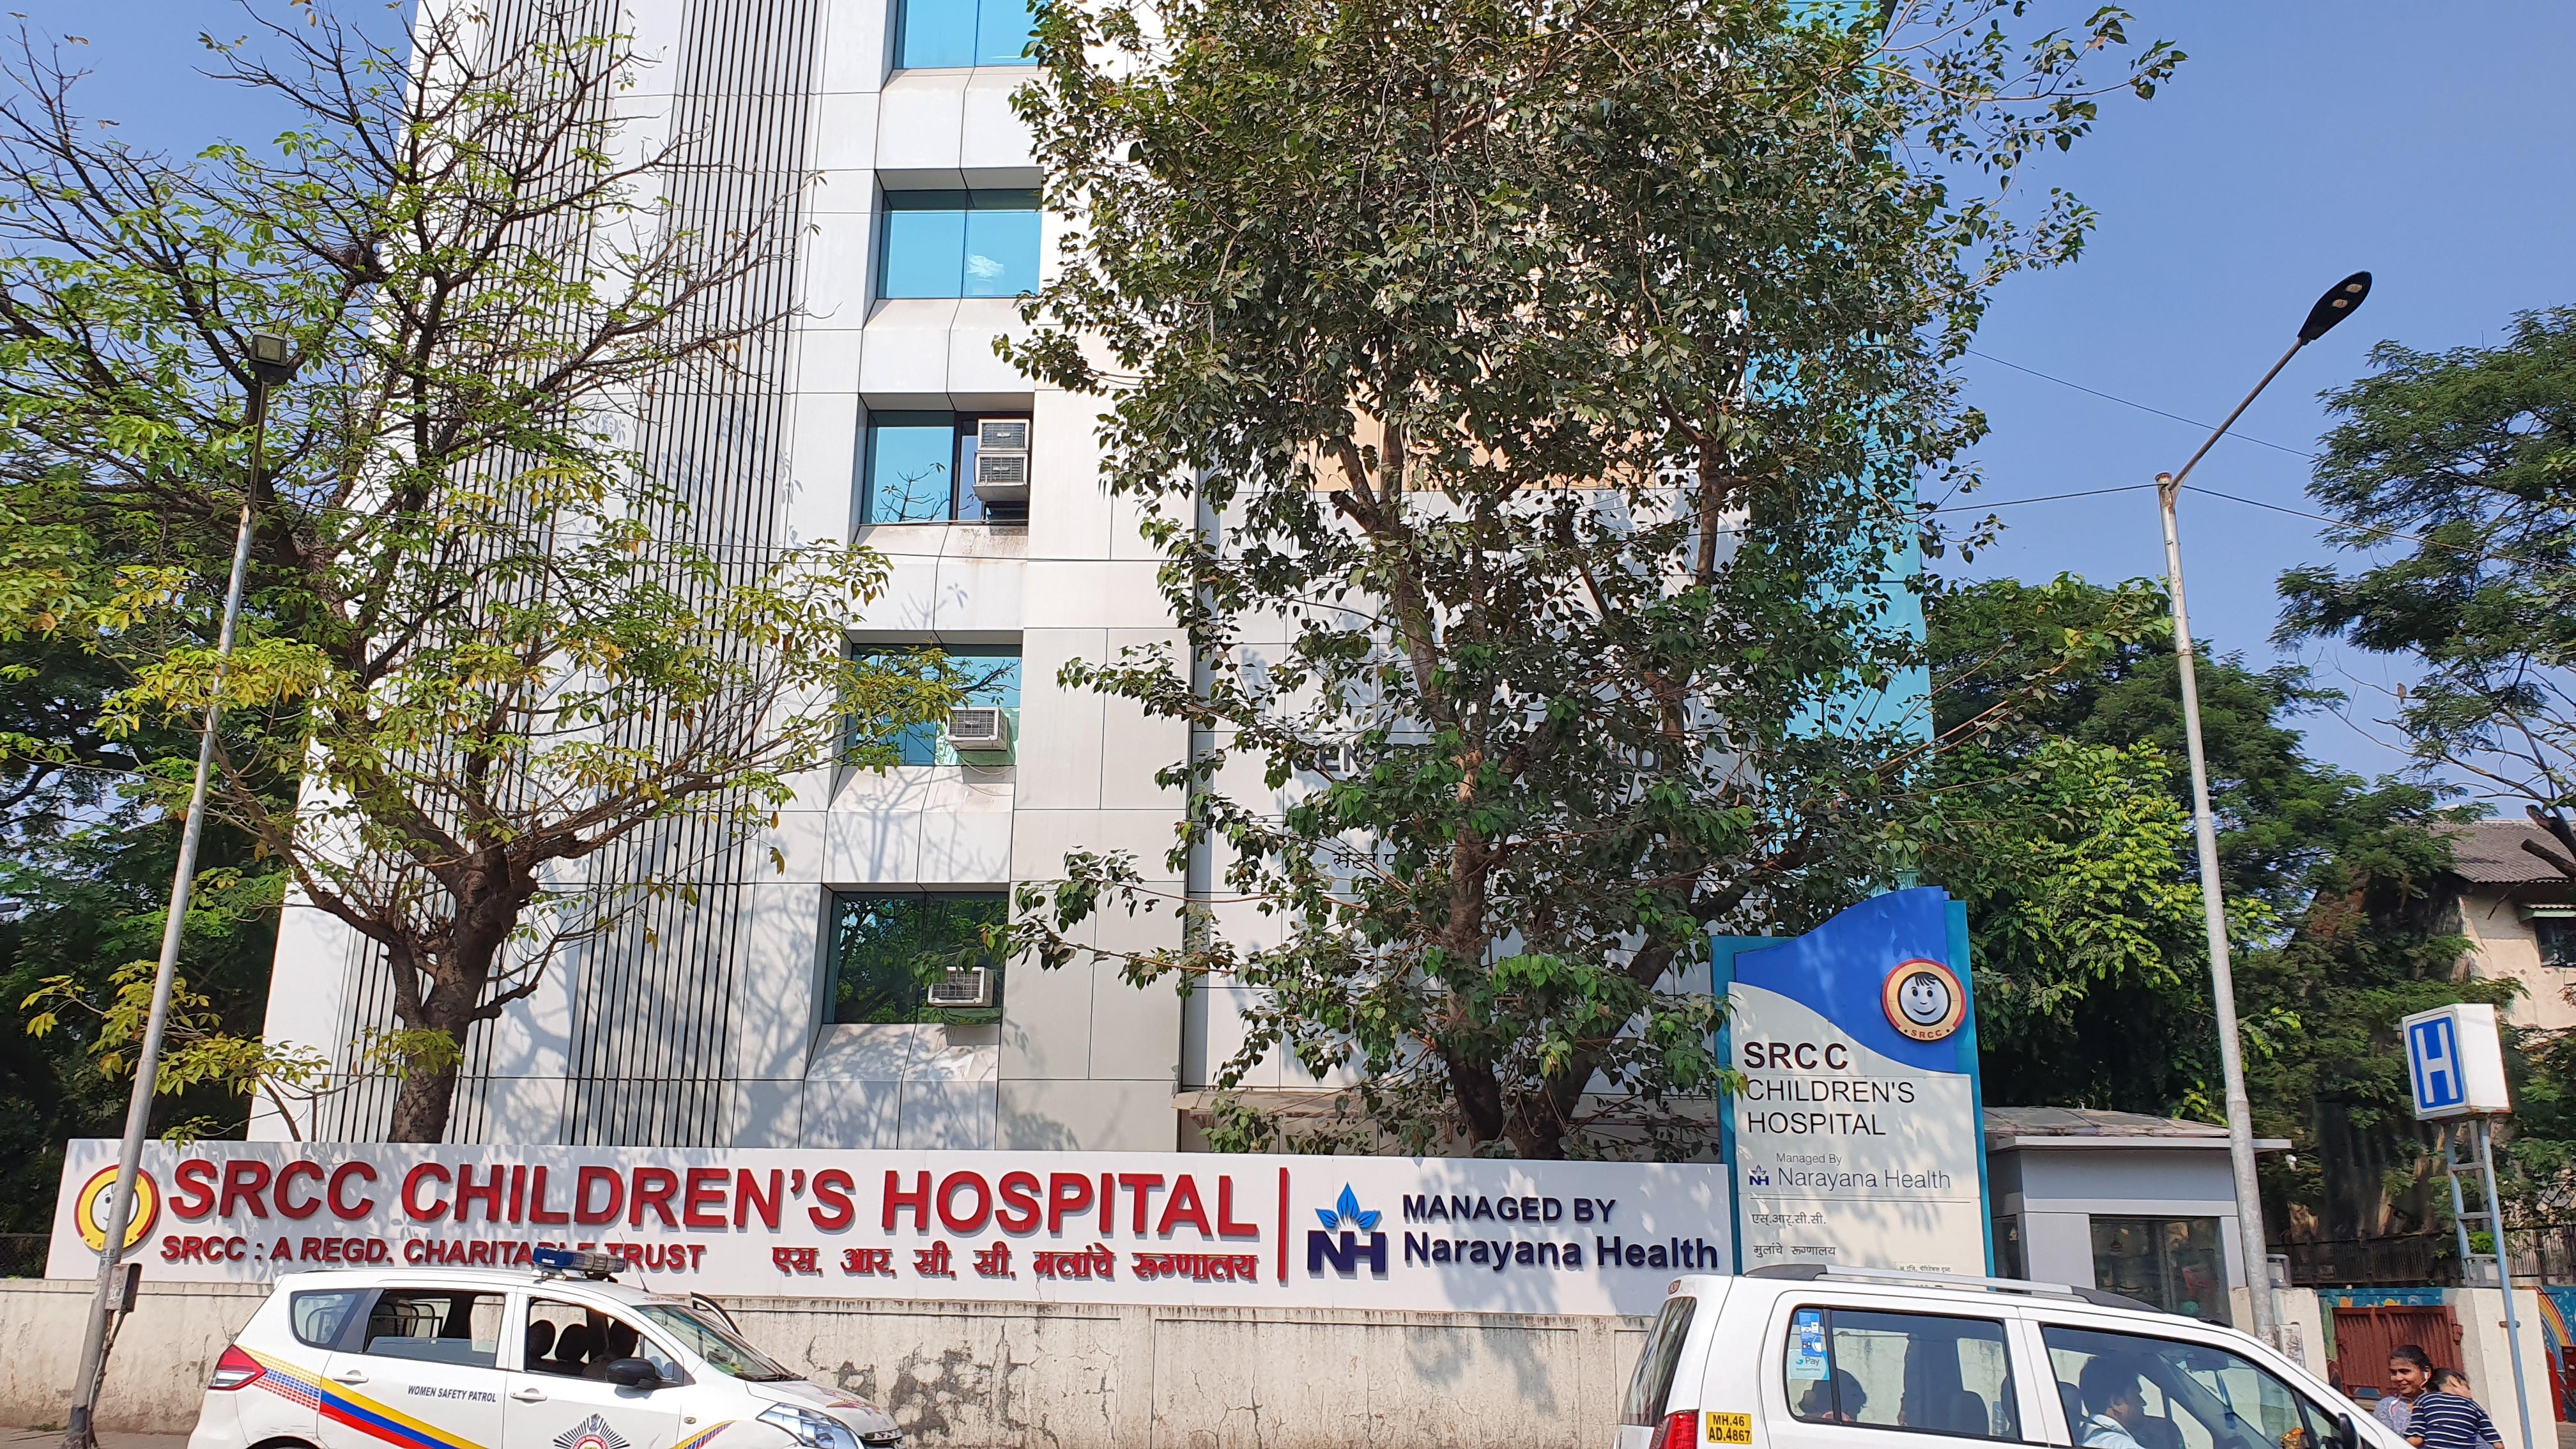 मुंबई के इस हॉस्पिटल ने 25 दिन के बच्ची को बनाया वसूली का हथियार, 13 लाख का बिल , बच्ची की मौत